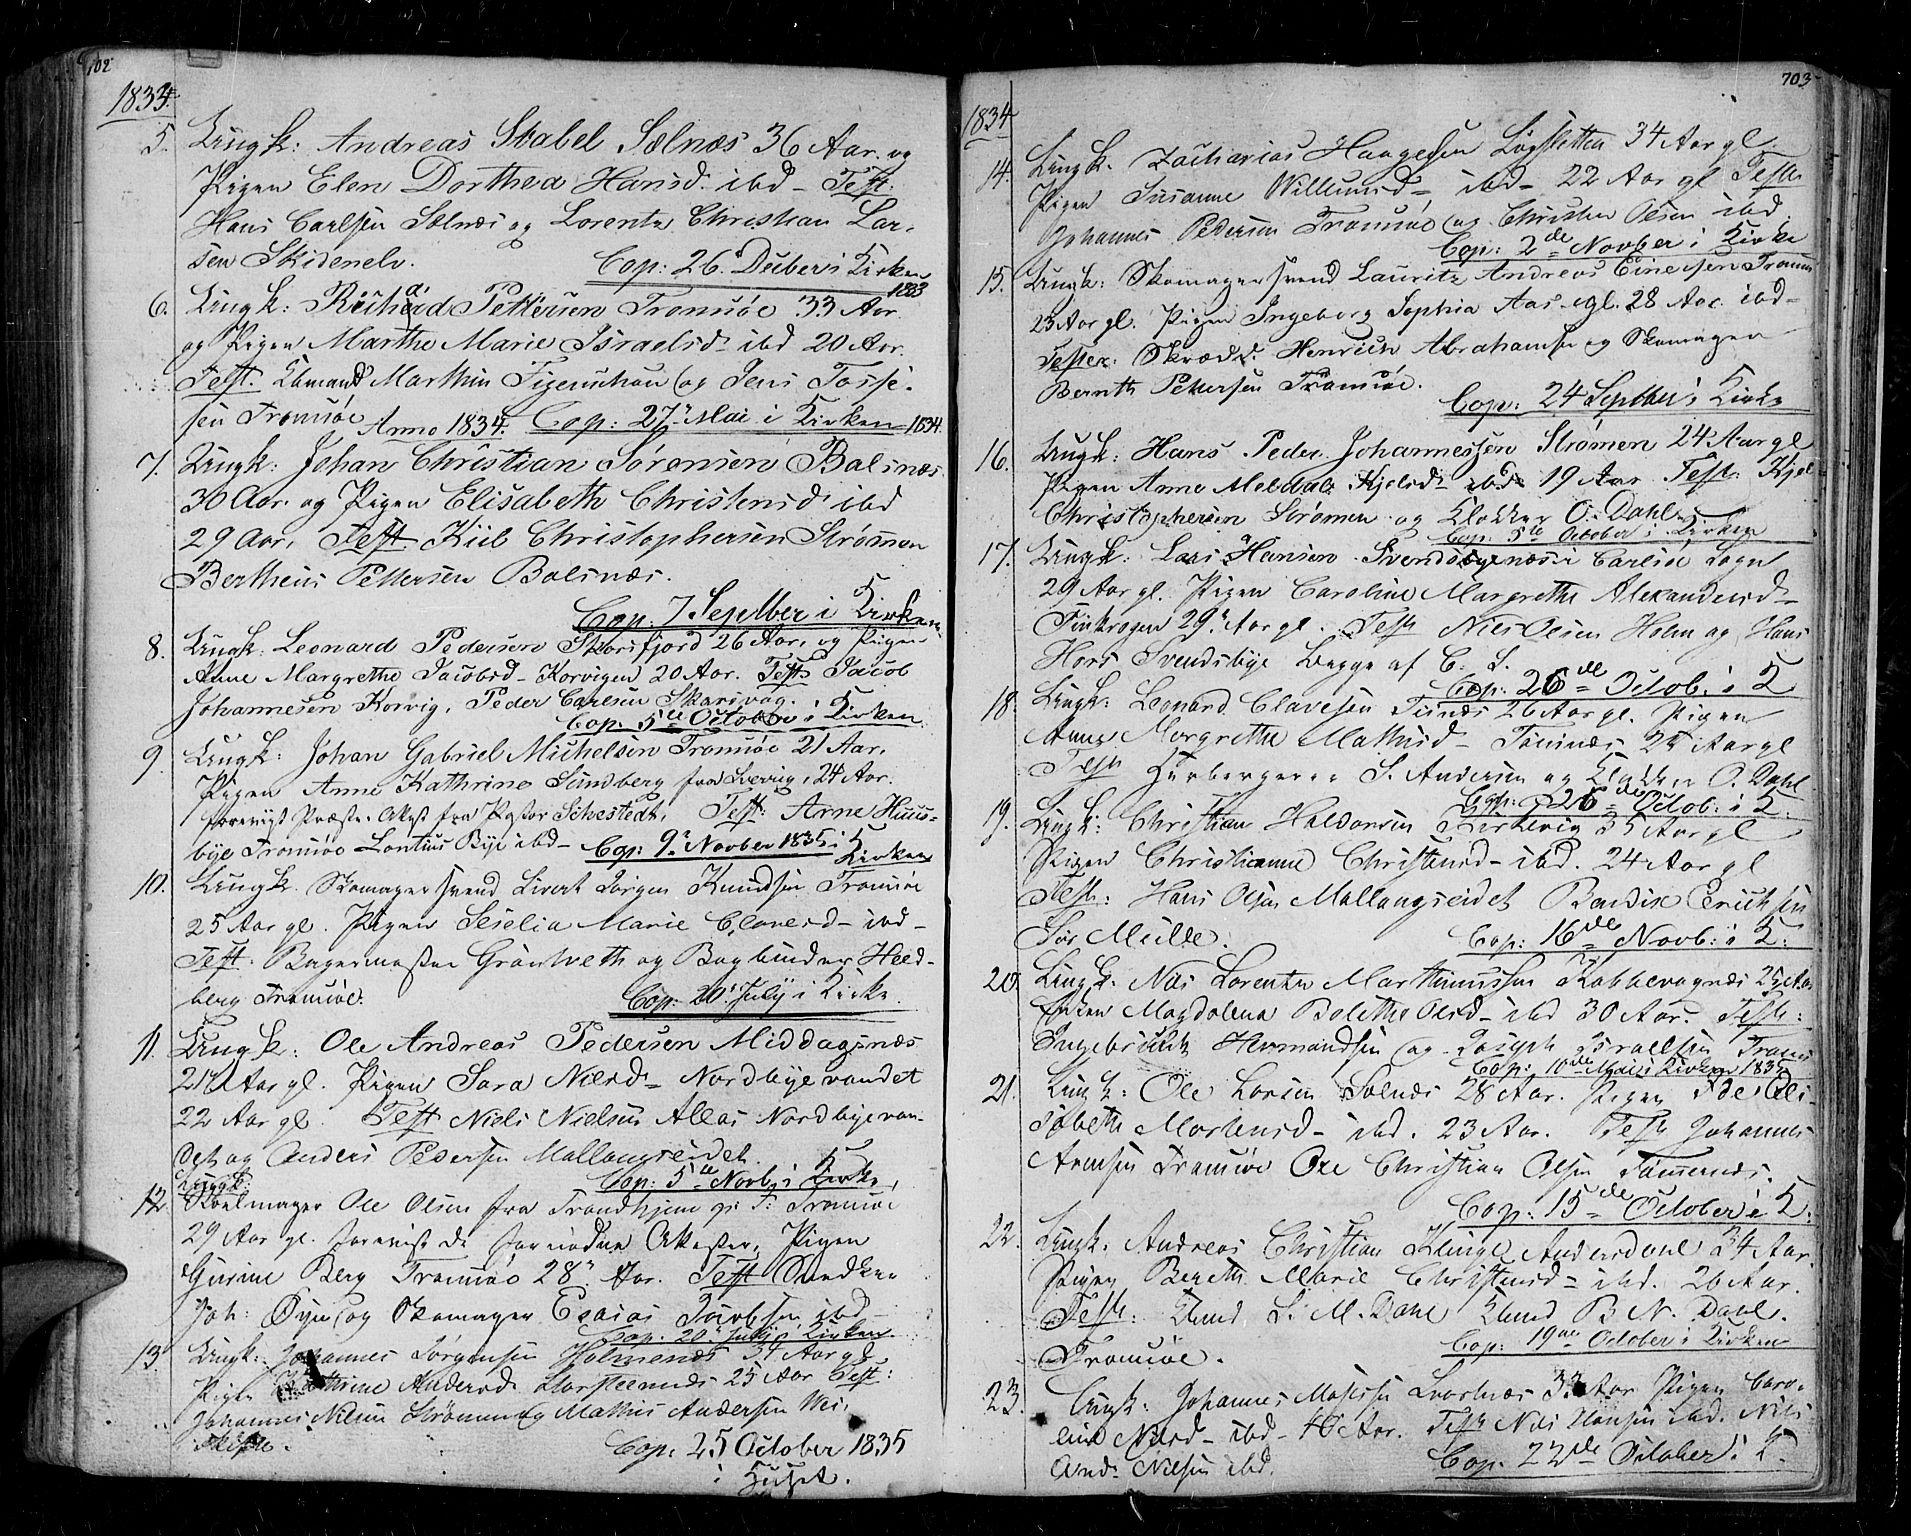 SATØ, Tromsø sokneprestkontor/stiftsprosti/domprosti, G/Ga/L0008kirke: Ministerialbok nr. 8, 1829-1837, s. 702-703